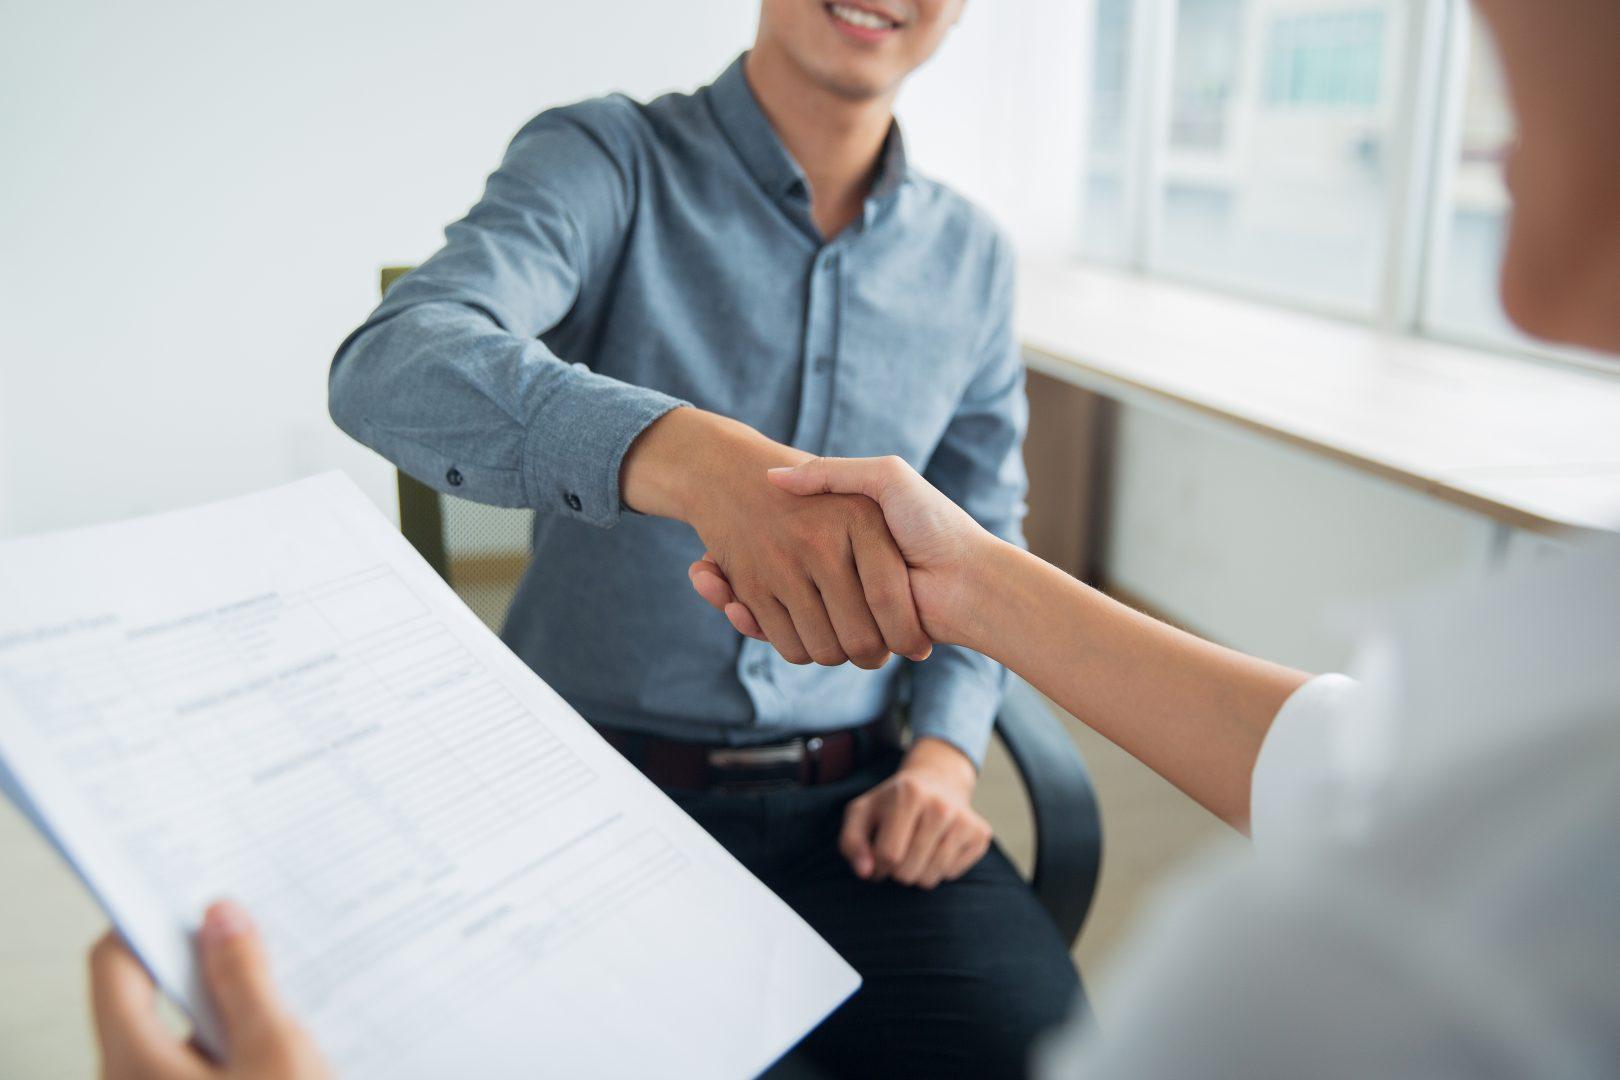 potrasenie-rukou-uchadzaca-o-zamestnanie-so-zamestnavatelom-na-pohovore-employer-branding